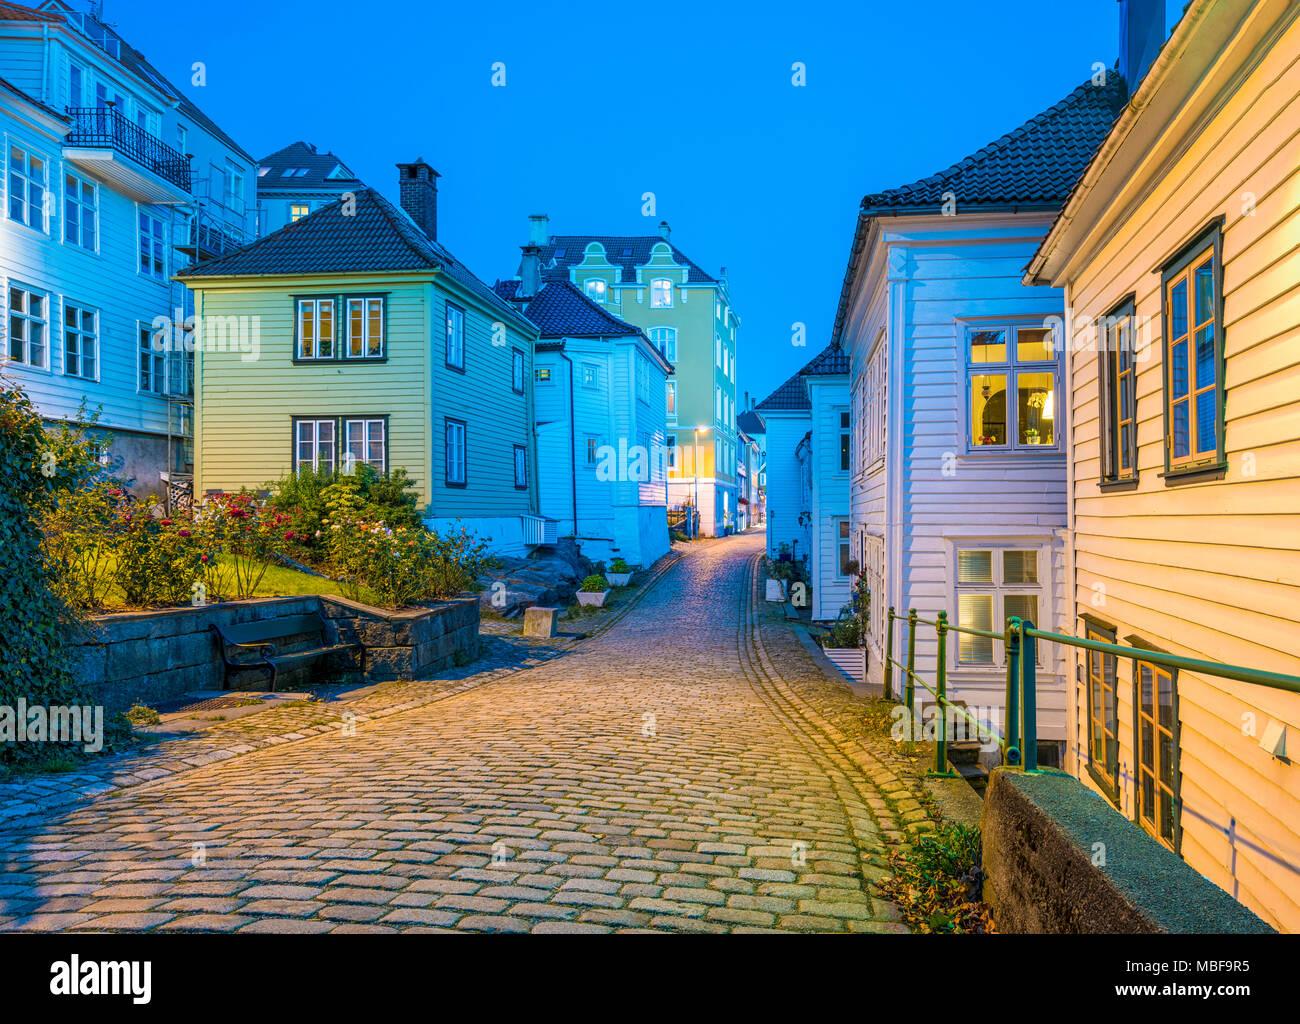 Bergen in Norvegia, città vecchia strada di ciottoli e case di legno di notte Immagini Stock